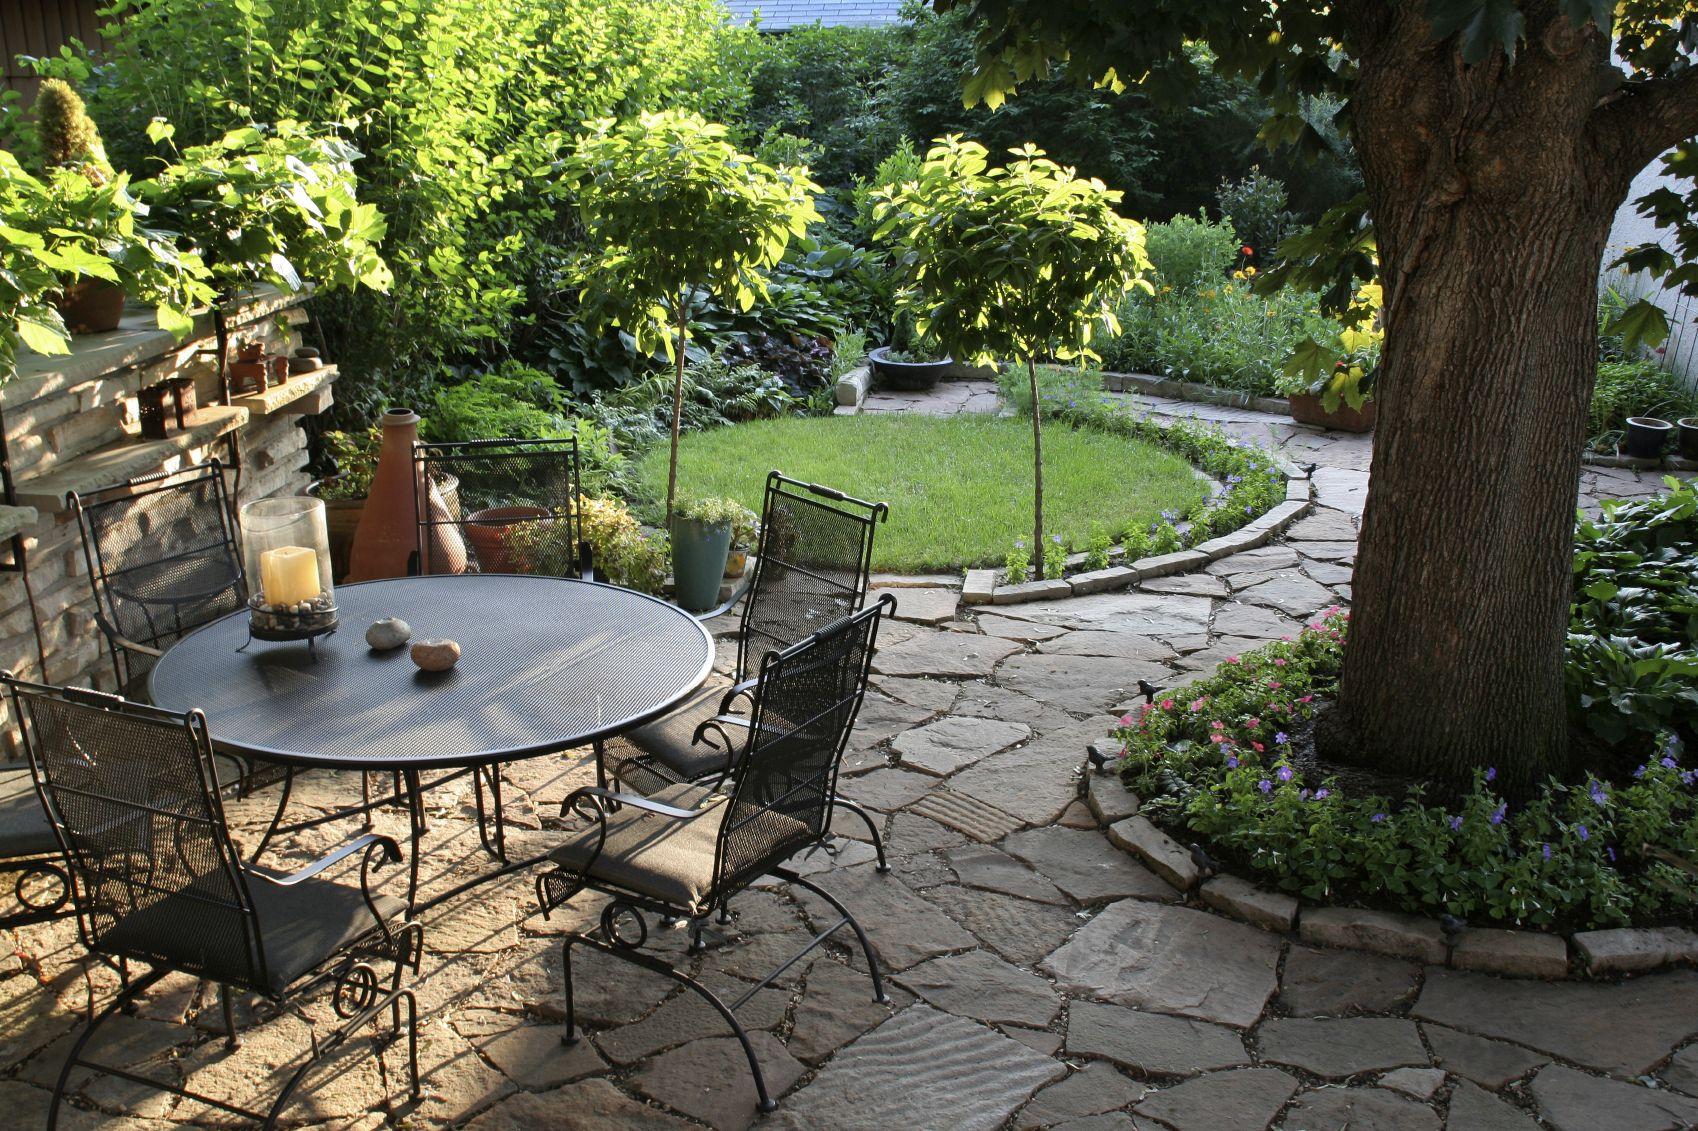 Металлическая мебель, деревья и цветы в дизайне двора